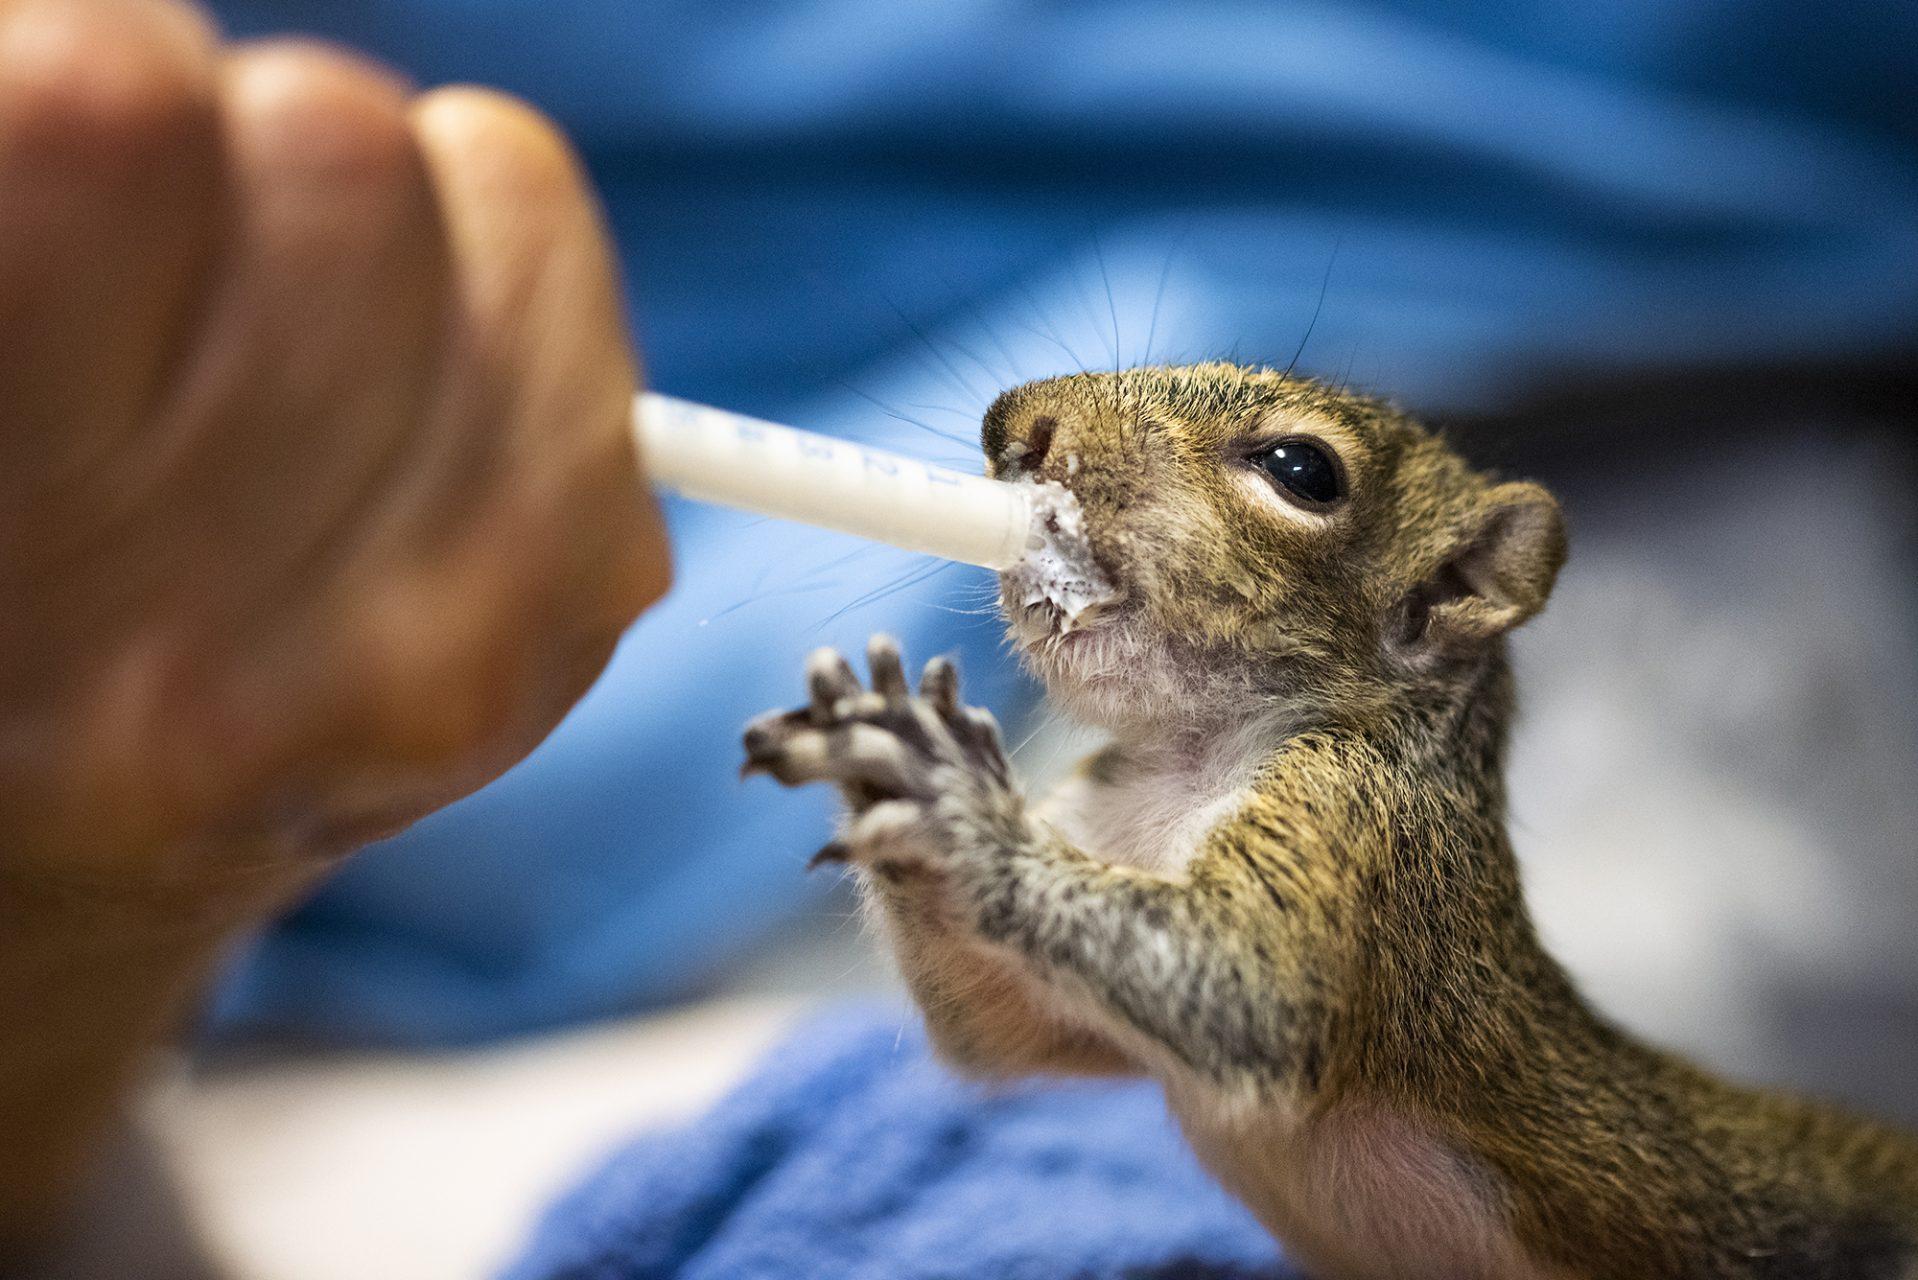 Squirrel Being Fed by Volunteer